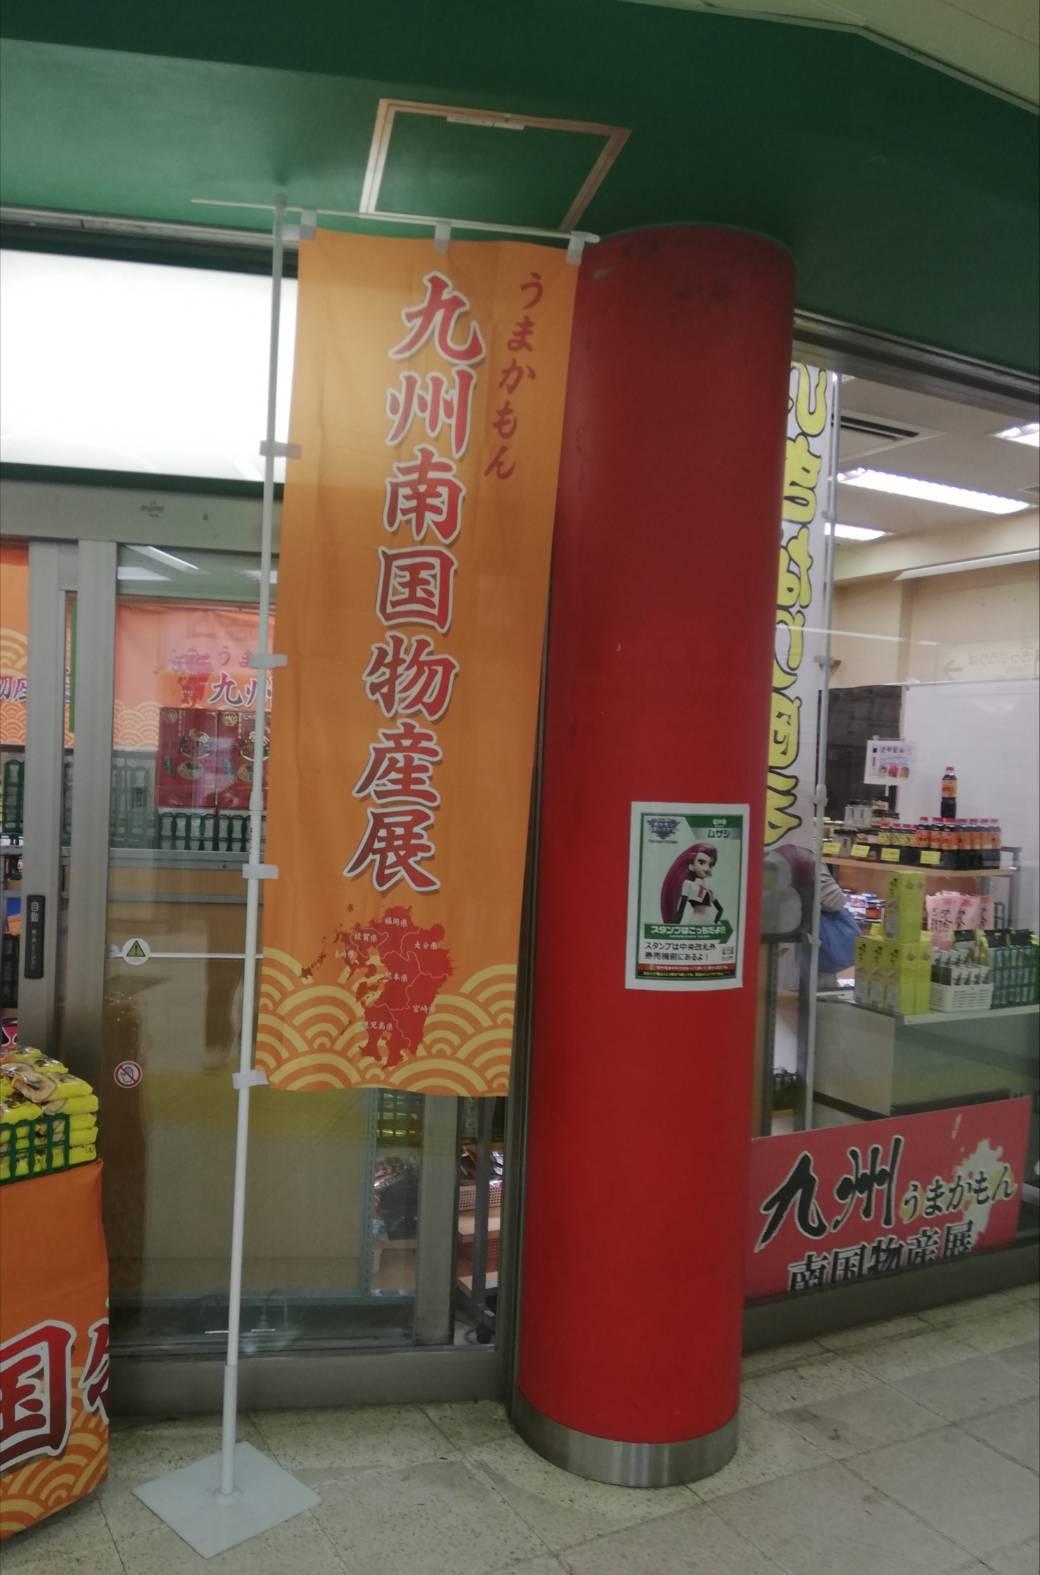 びゅうプラザ松戸駅跡地物産展